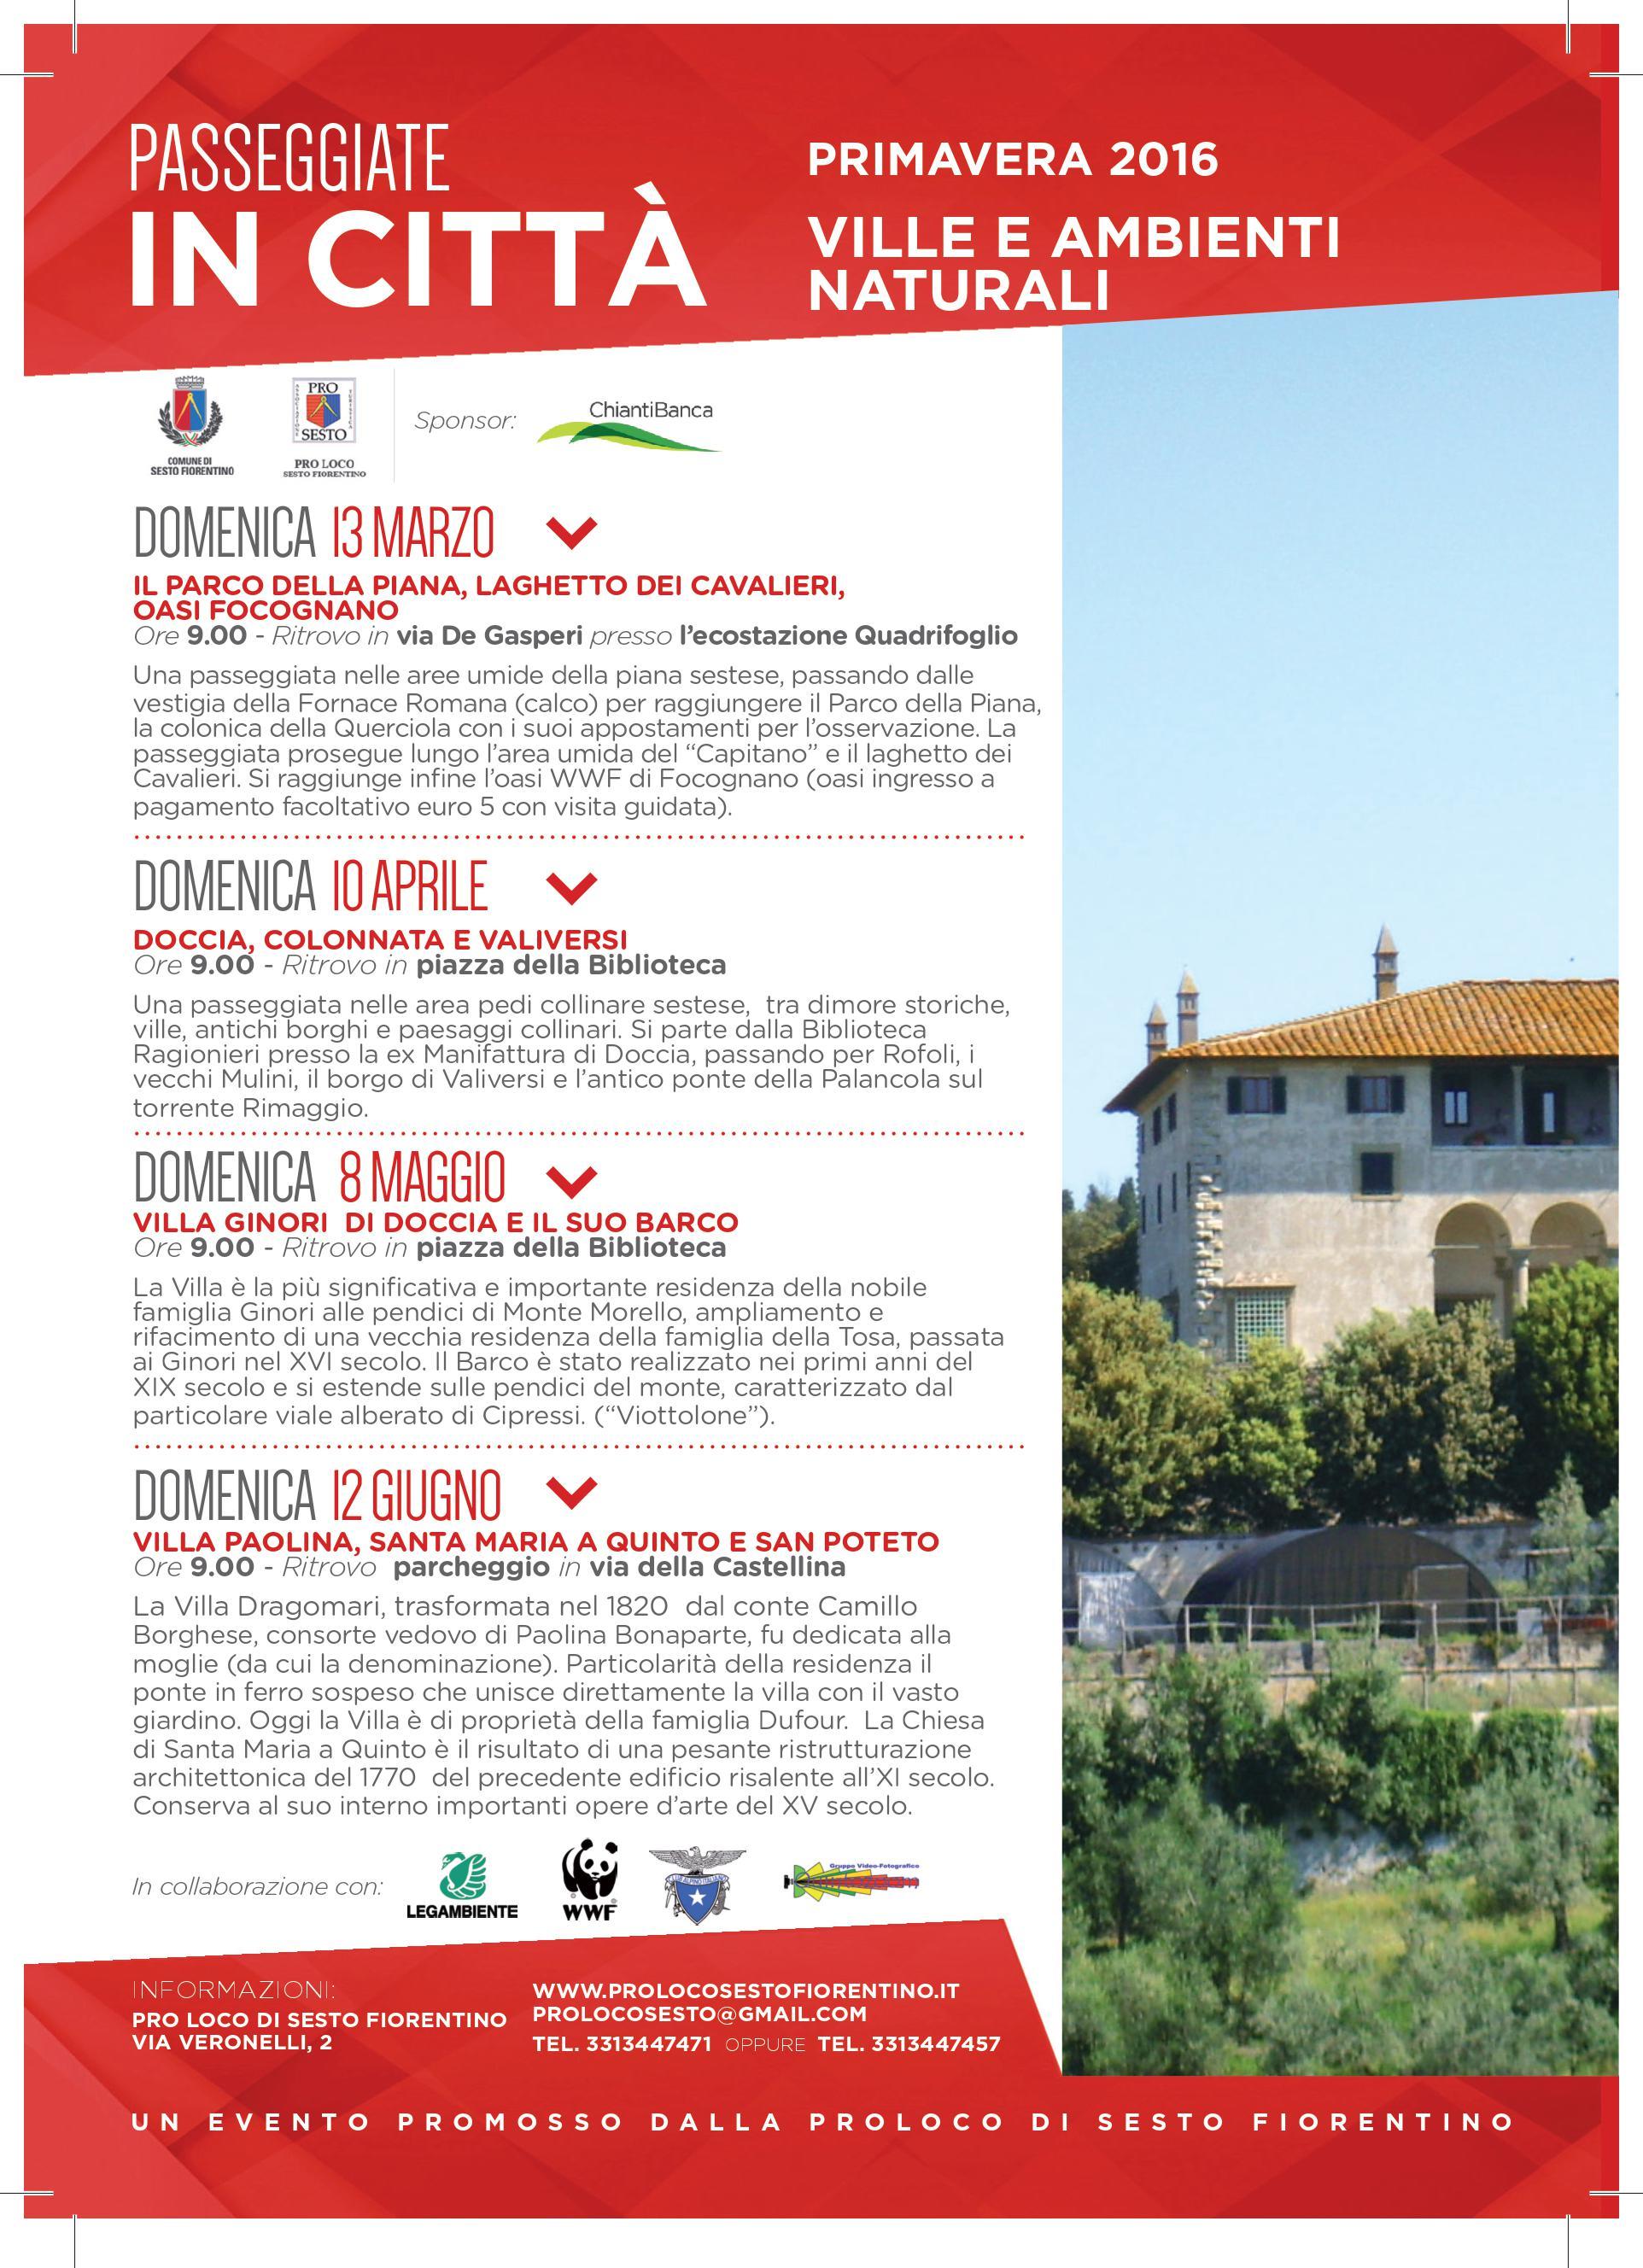 DOMENICA 12 GIUGNO ORE 9,00  Villa Paolina, Santa Maria a Quinto e San Poteto